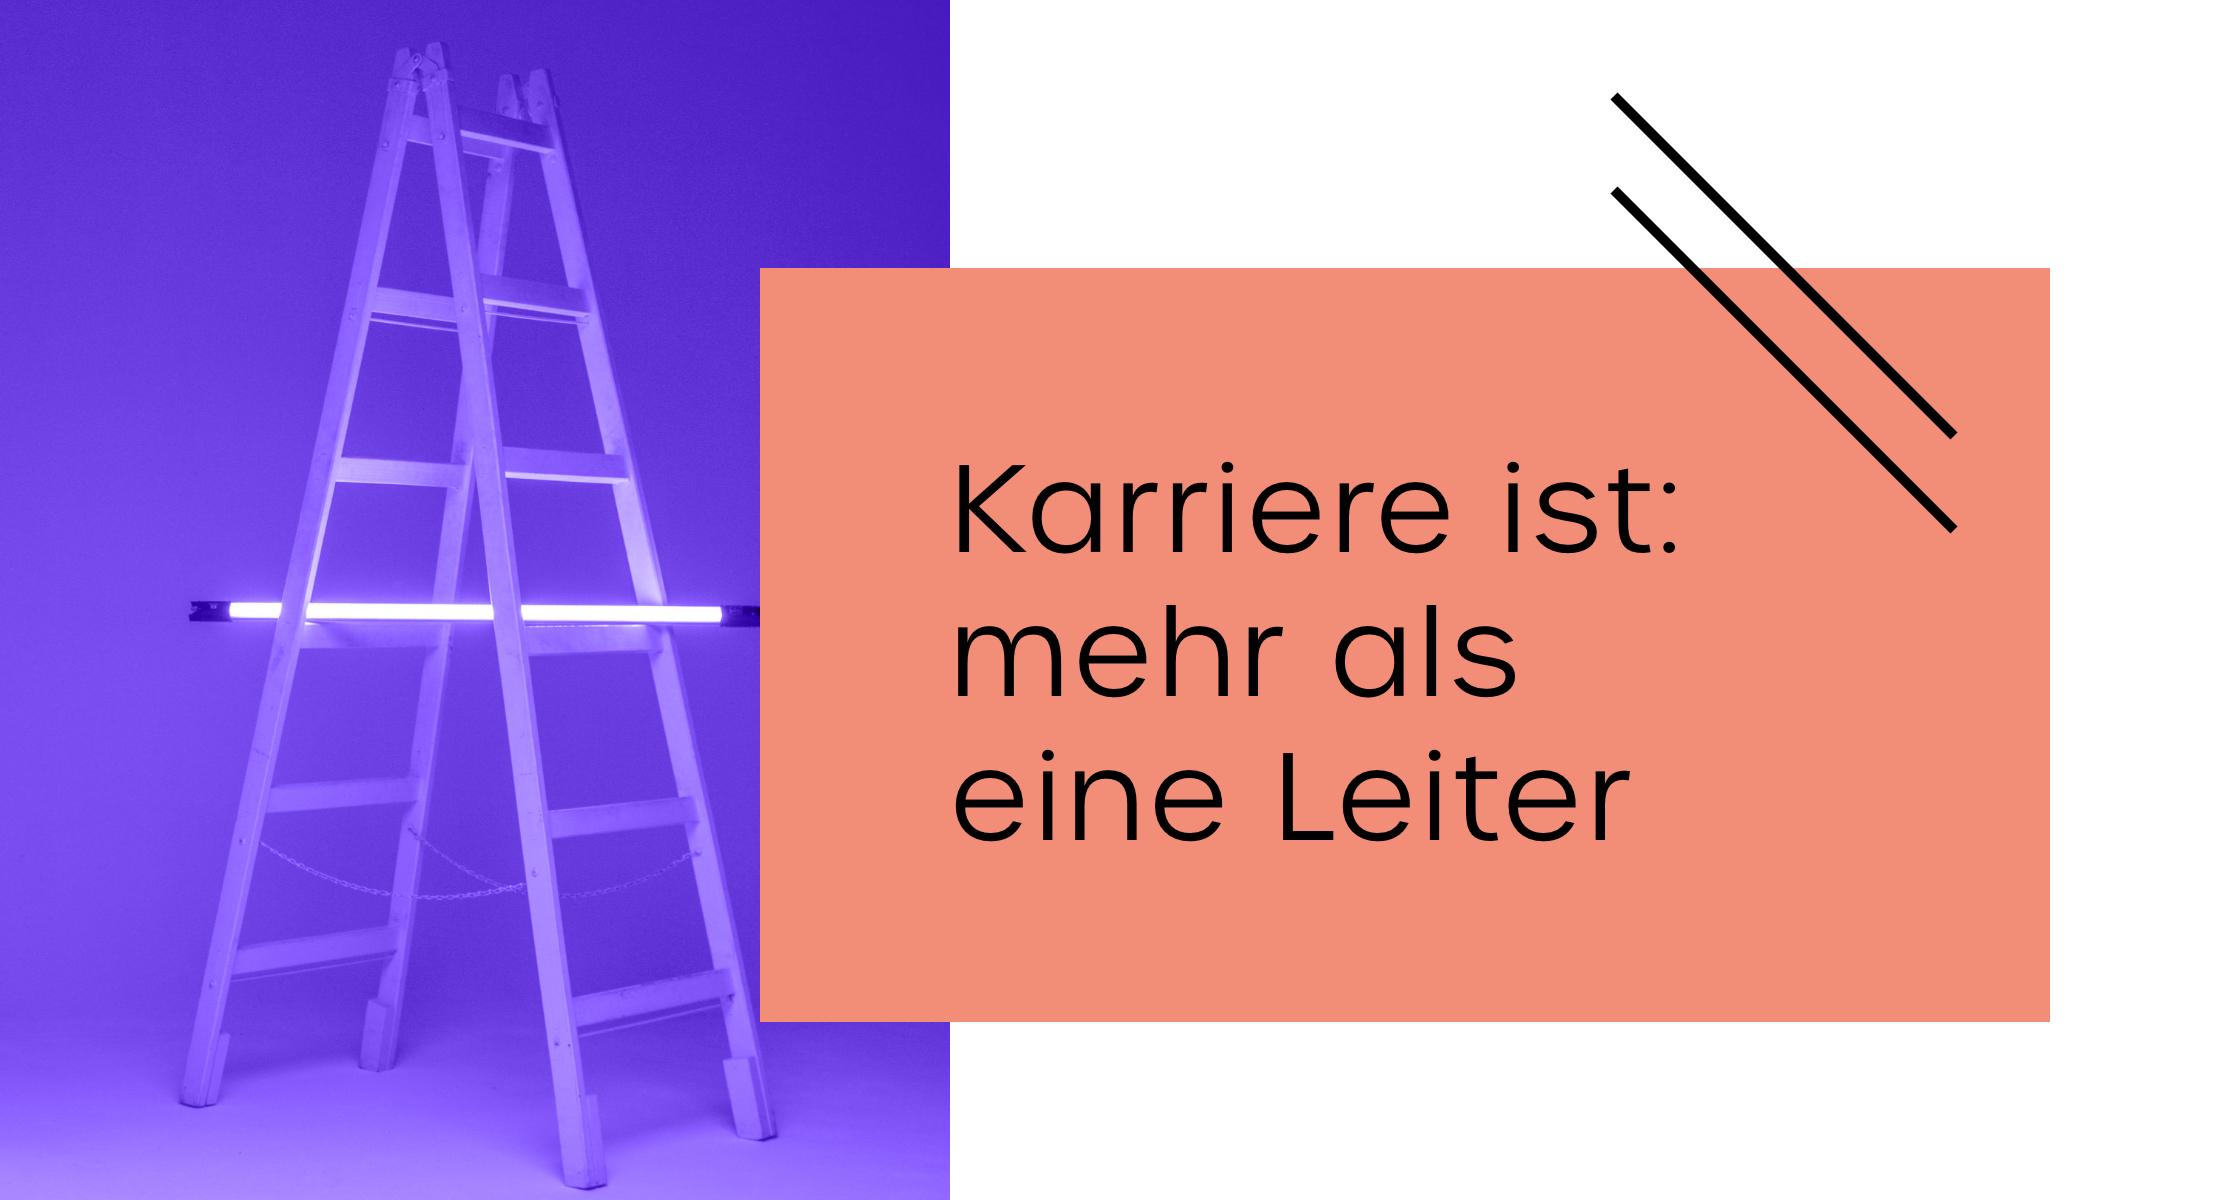 Petschwork Consulting München | All about students | Studentenbreatung | Wer wir sind | Karriere ist mehr als eine Leiter